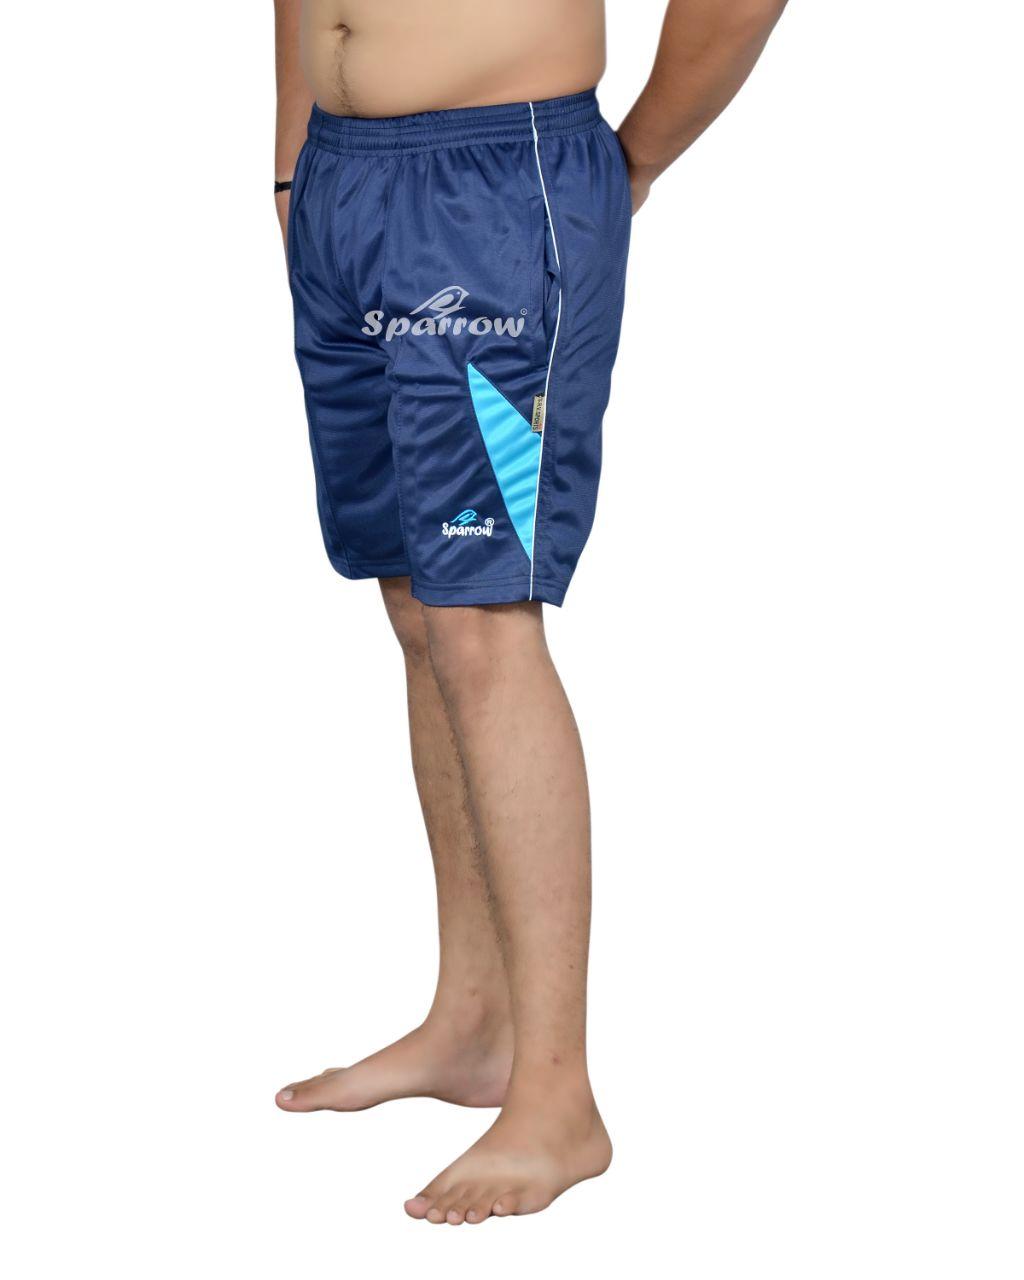 Sparrow Shorts